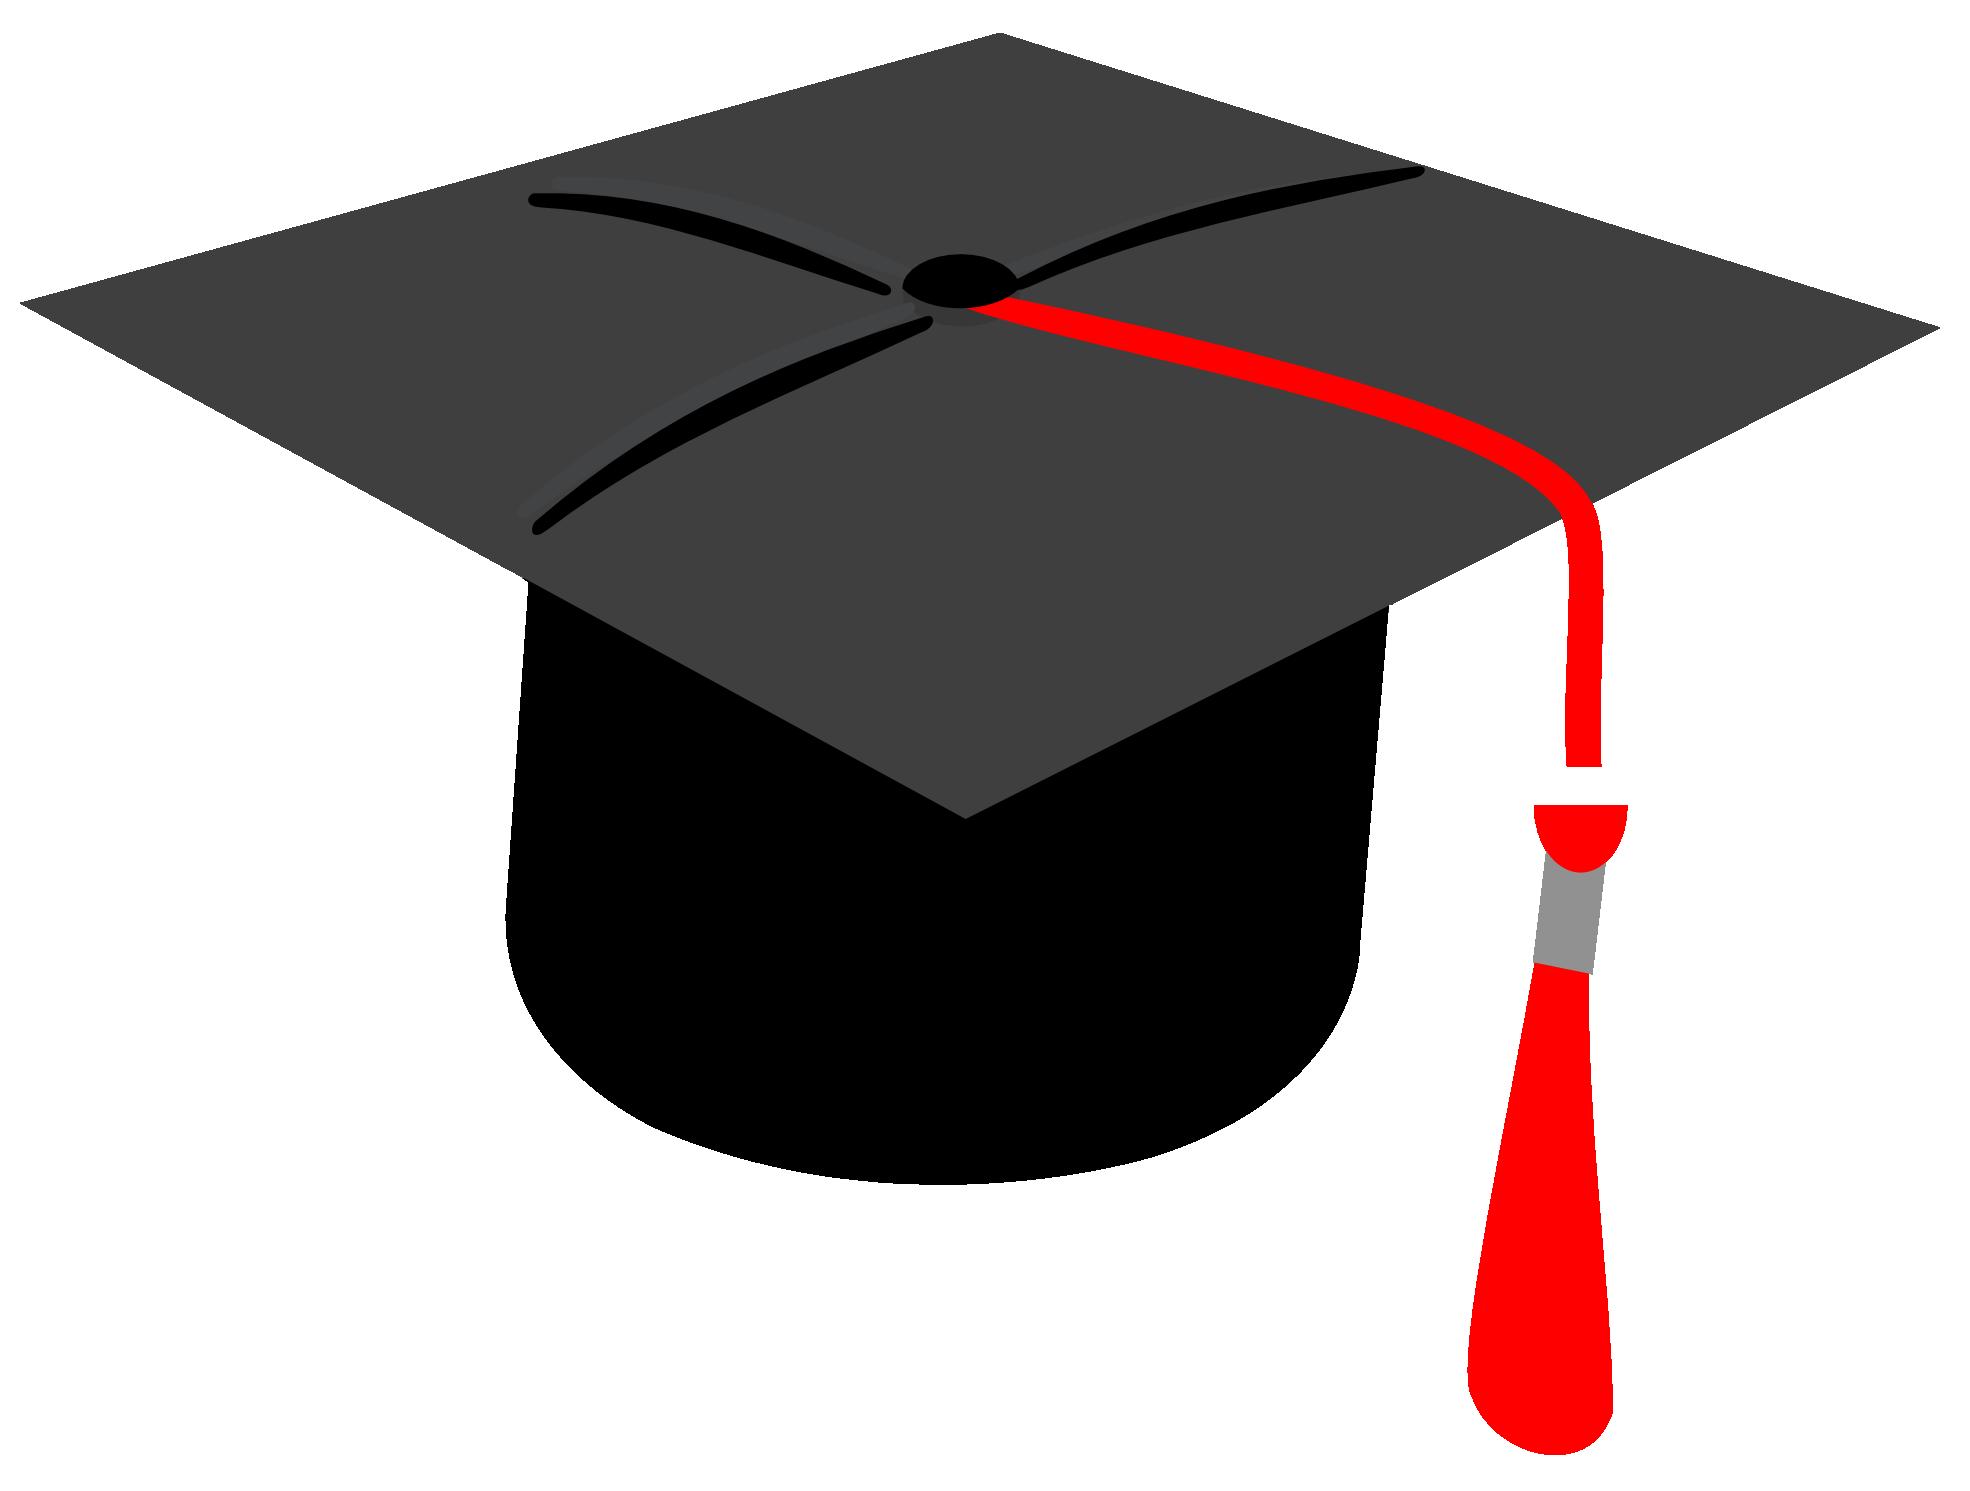 Graduation Cap PNG Transparent Image - Education PNG